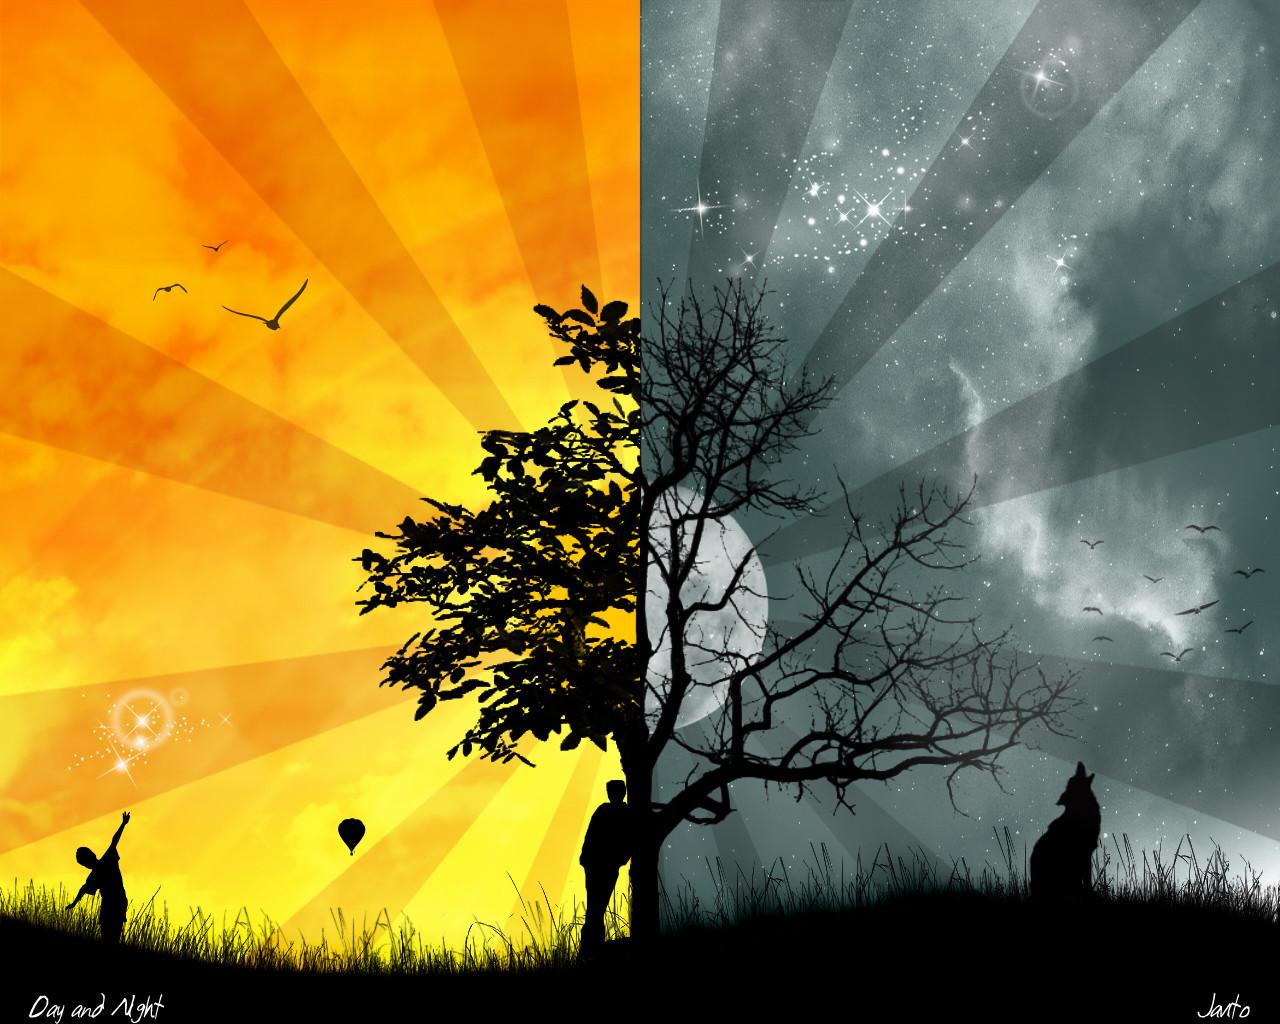 http://1.bp.blogspot.com/-nzf-DiaZ8gQ/Th833IAAOyI/AAAAAAAAAL0/AaQ6HILM8Tk/s1600/cool-wallpapers.jpg